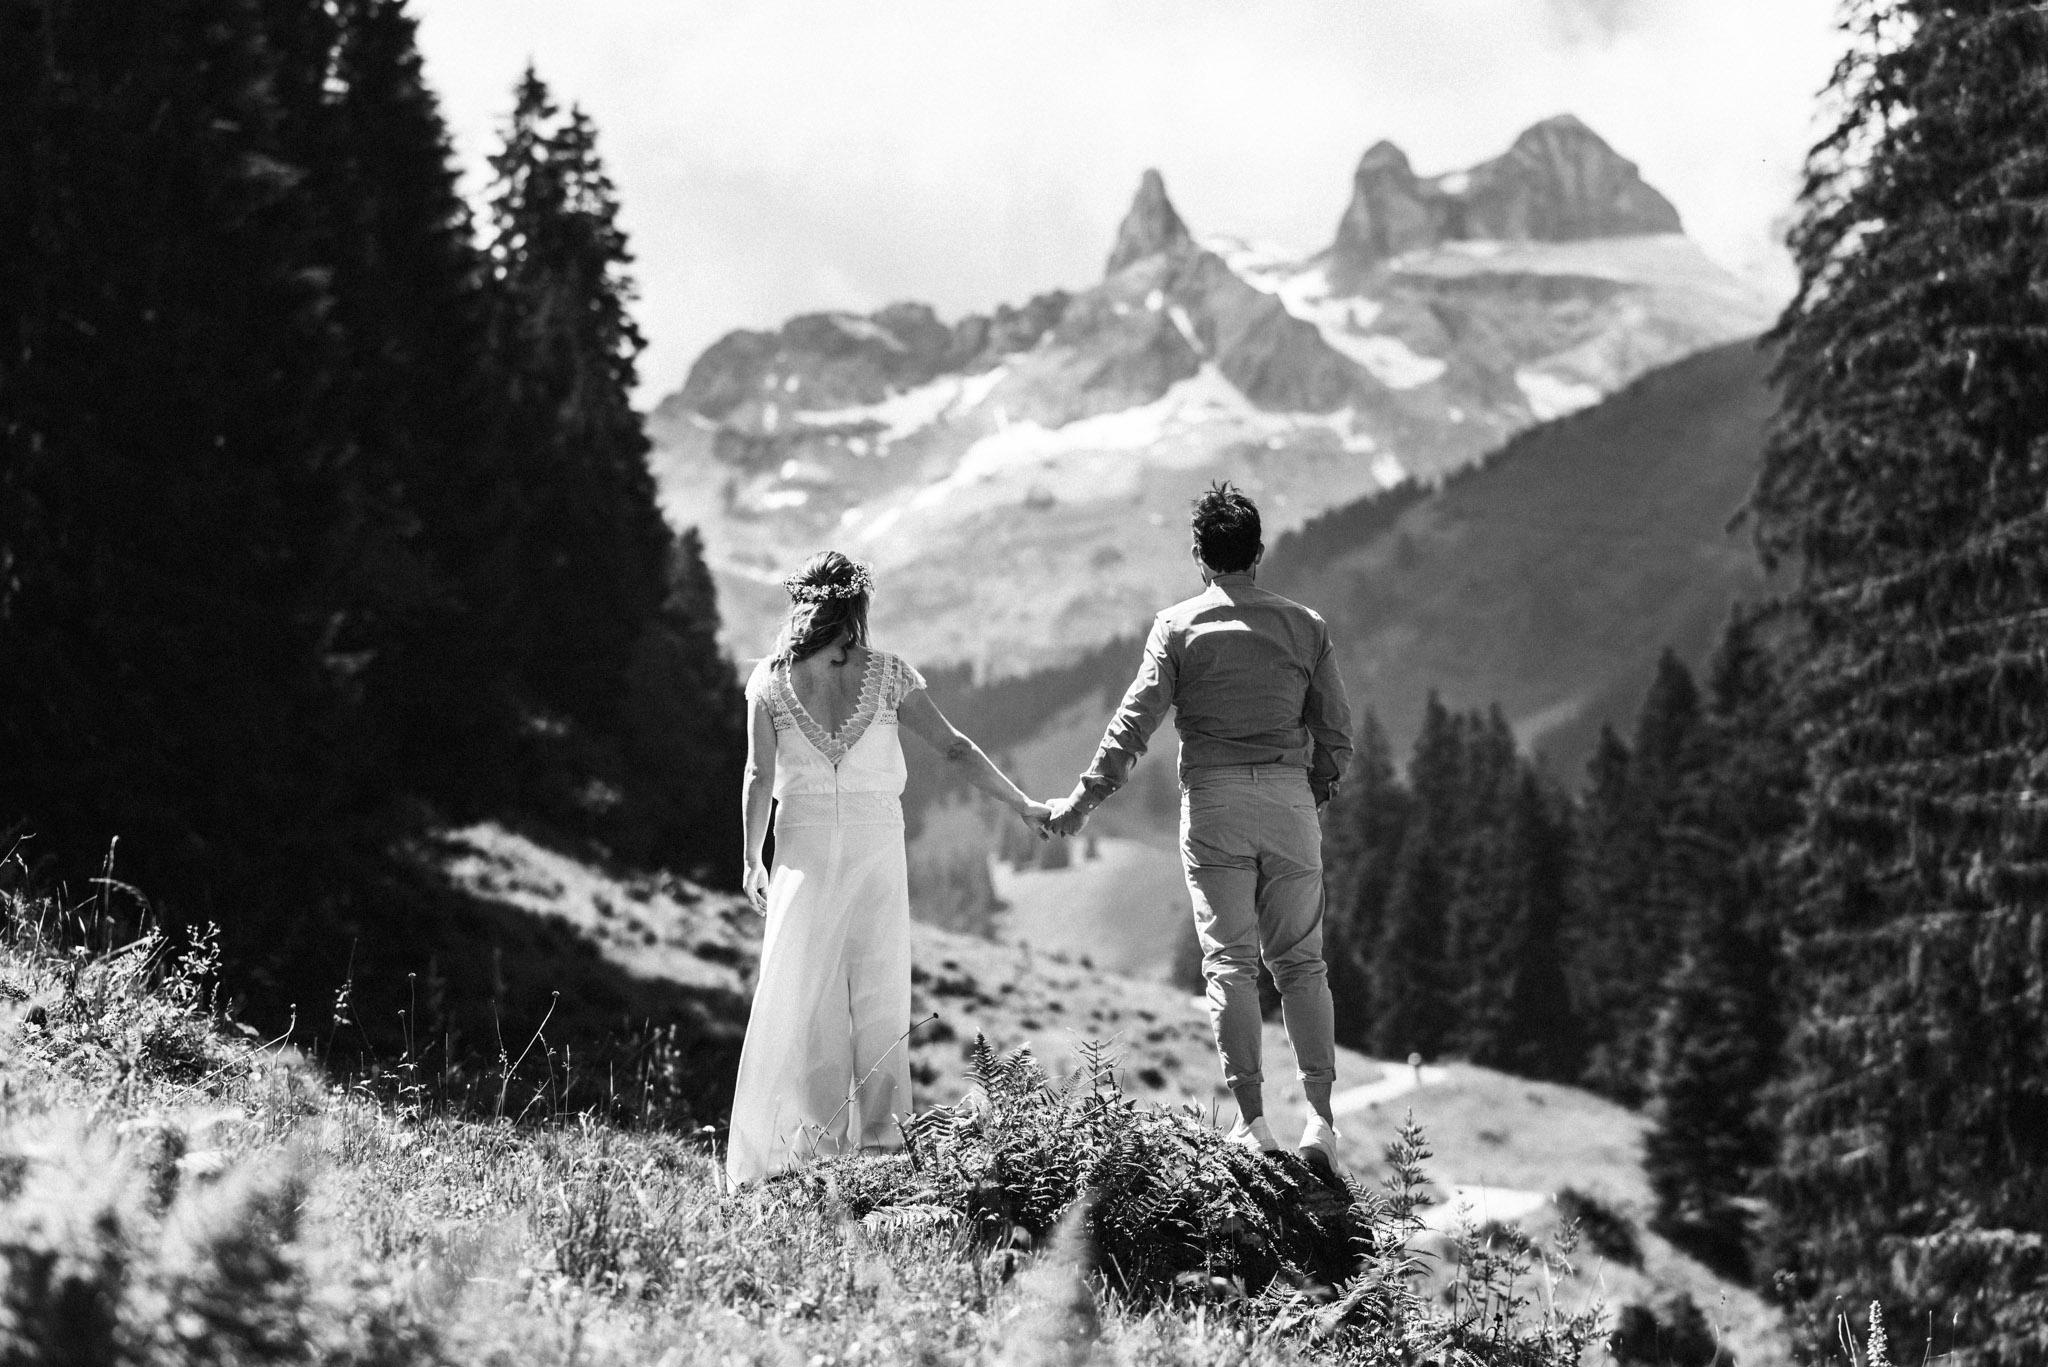 Hochzeit, Montafon, Bodensee, Österreich, Vorarlberg, Lichtenstein, Süddetuschland, Hochzeitsfotograf Michael Nussbaumer